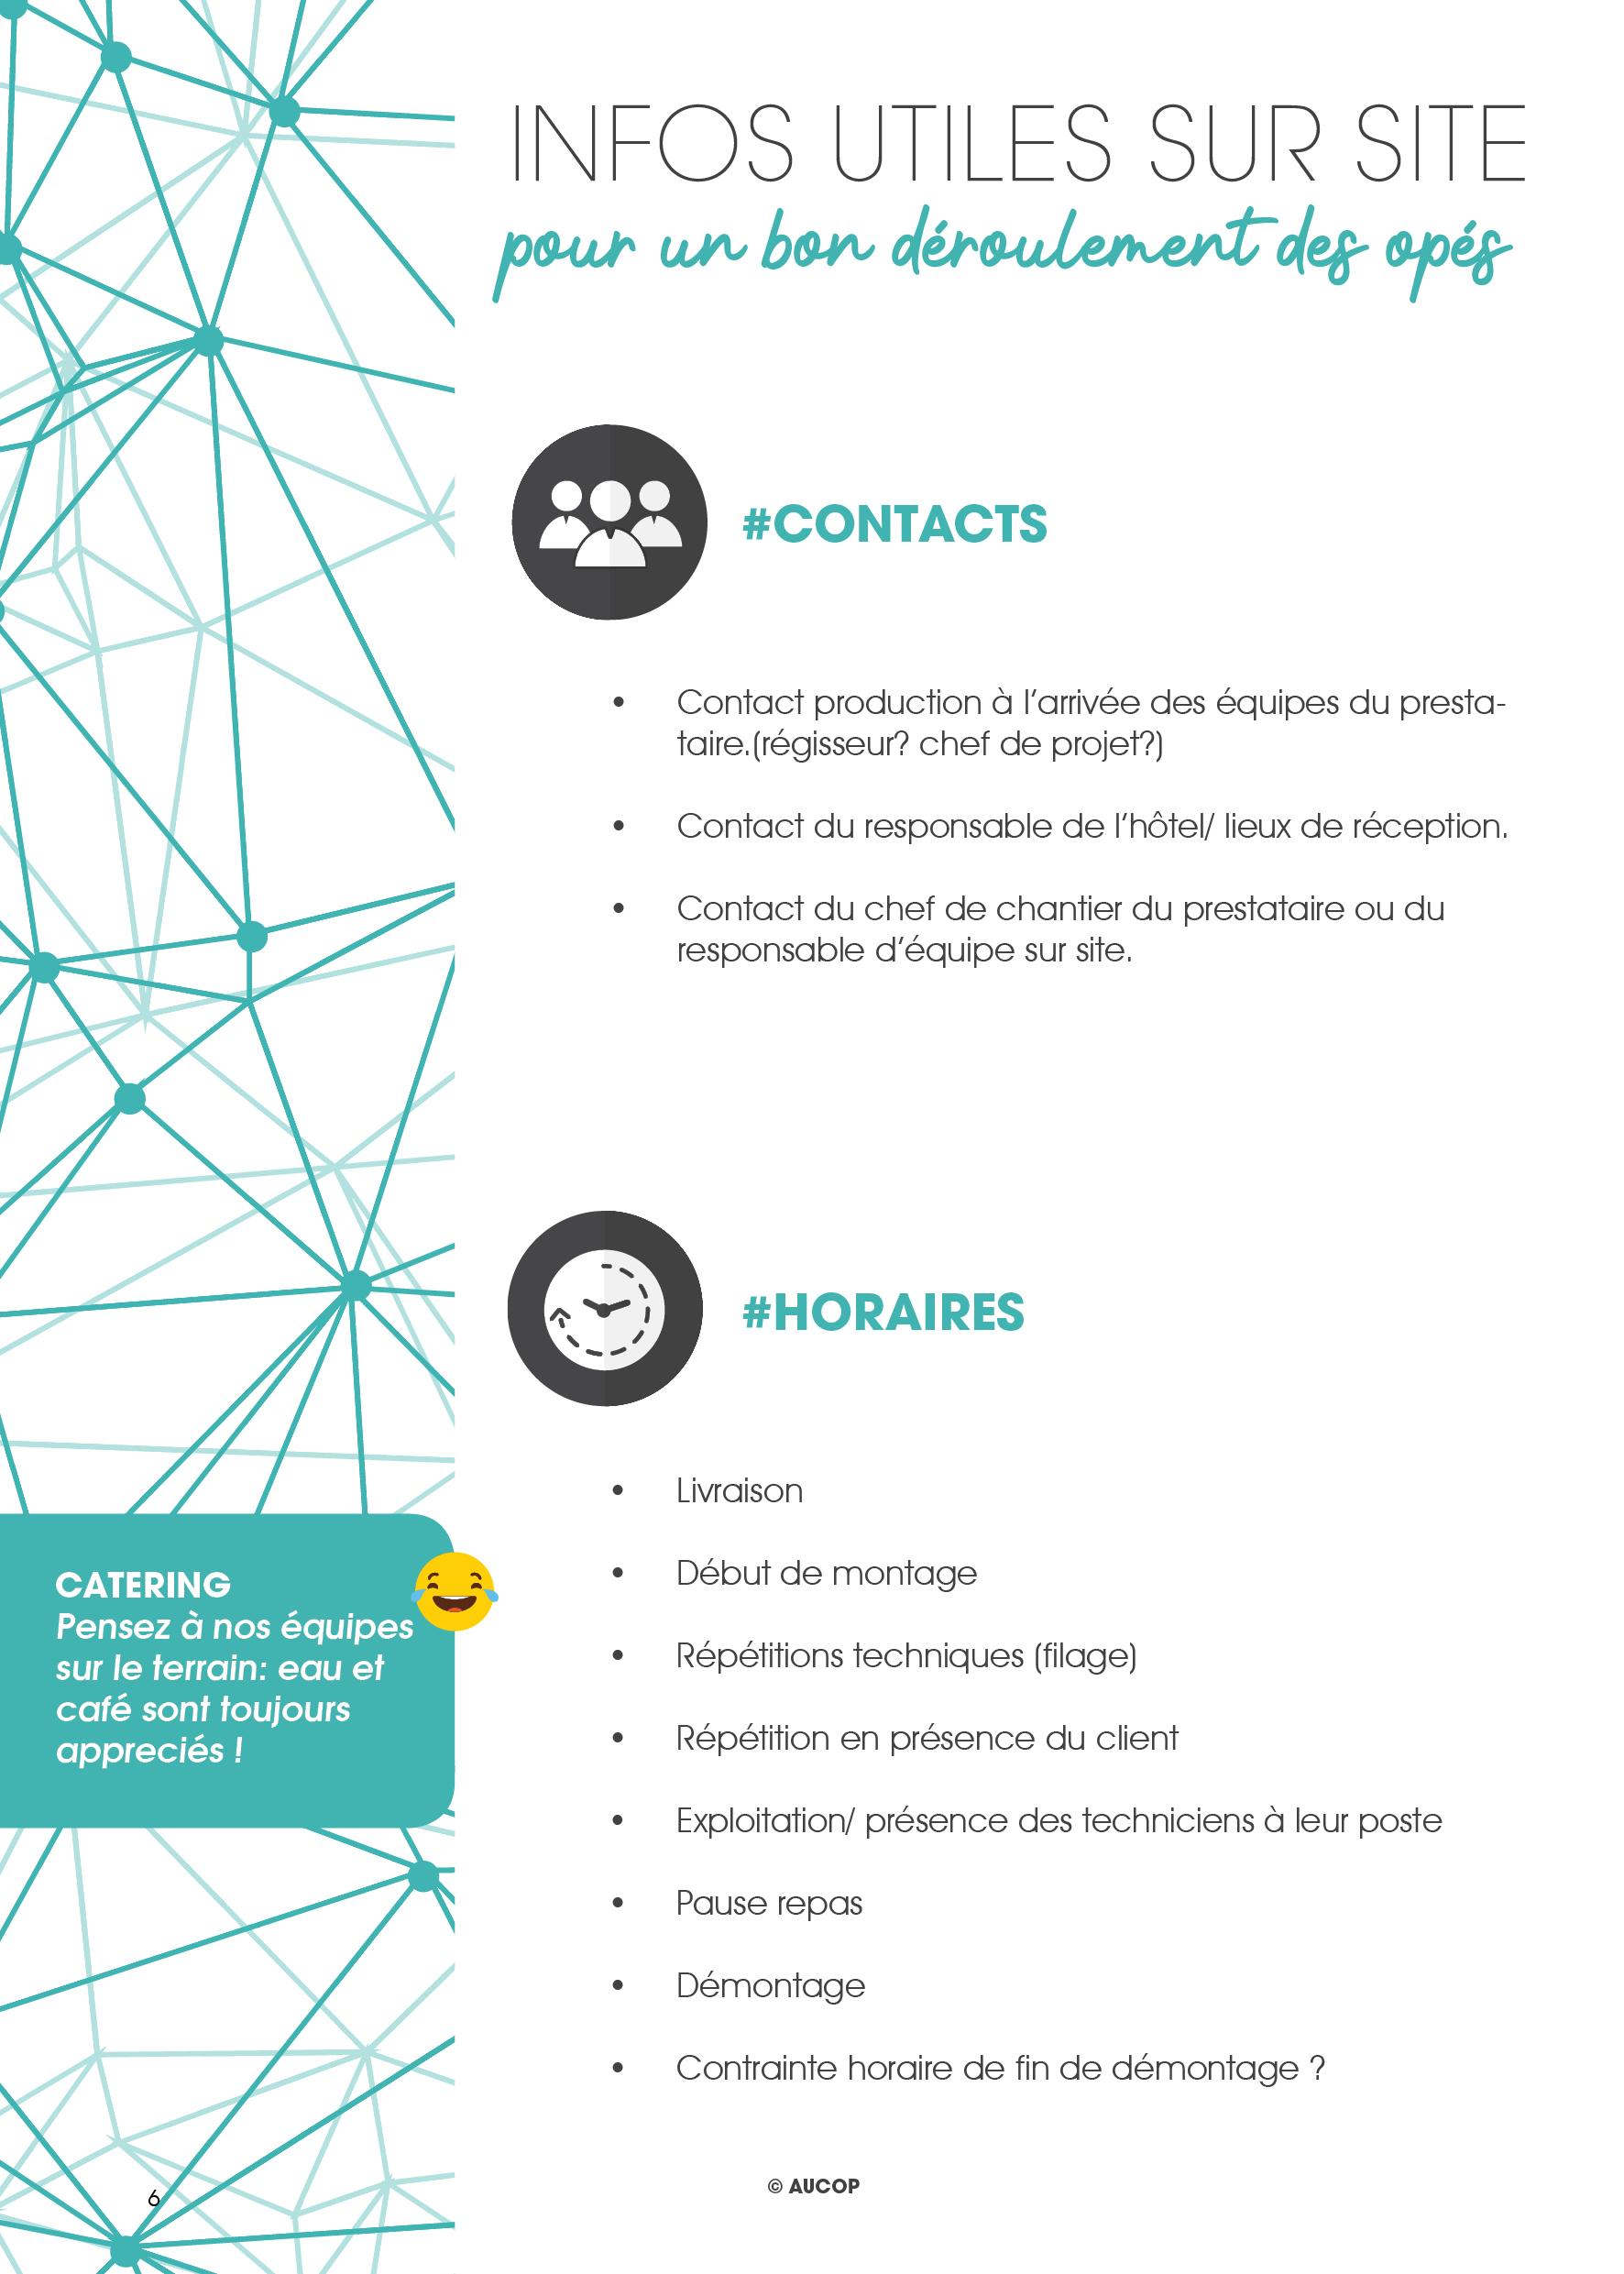 Kit de prod by Aucop - infos utiles